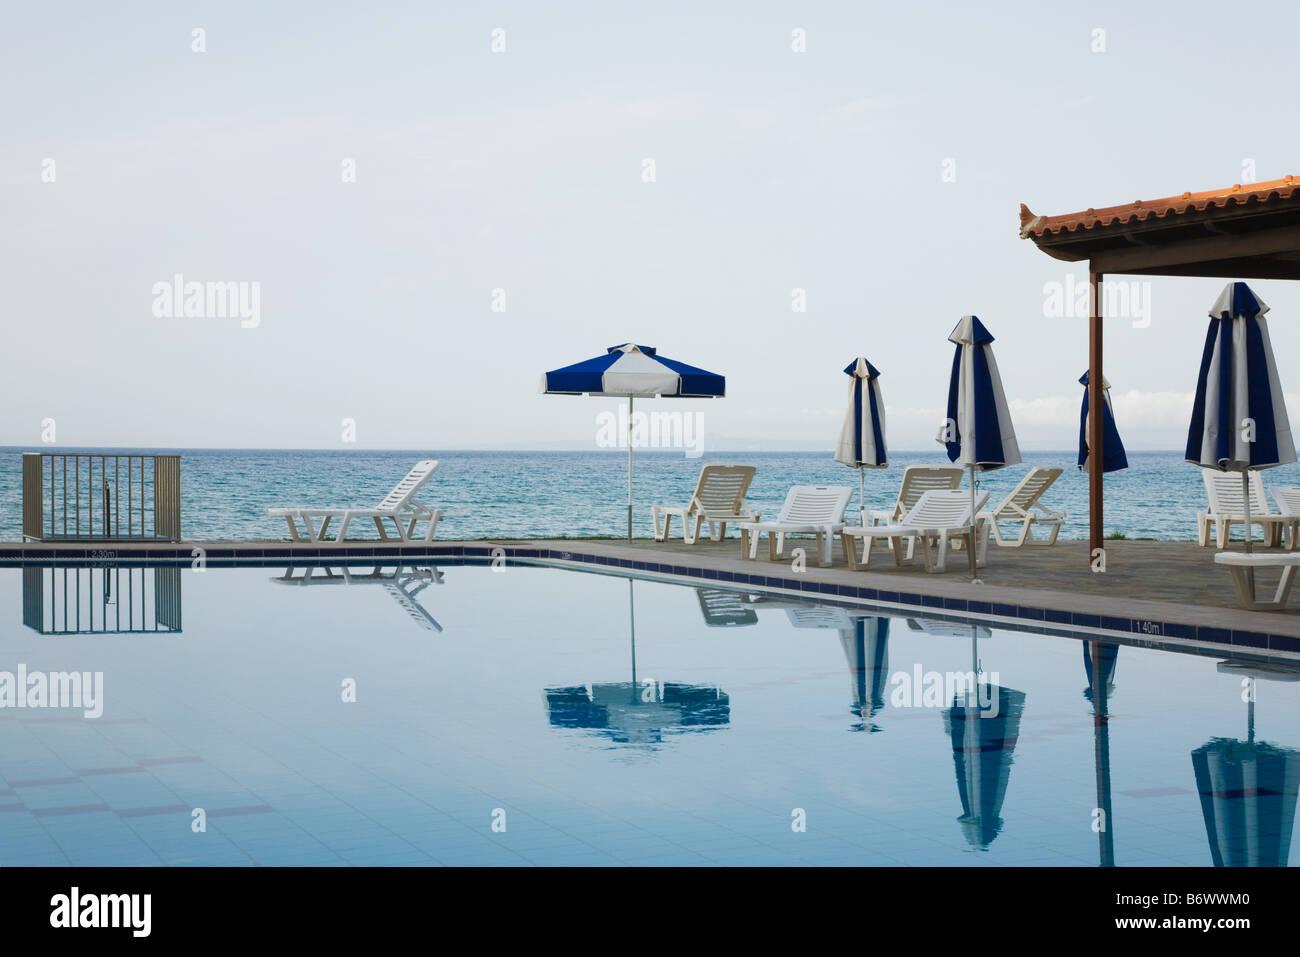 Swimming pool near the sea Stock Photo